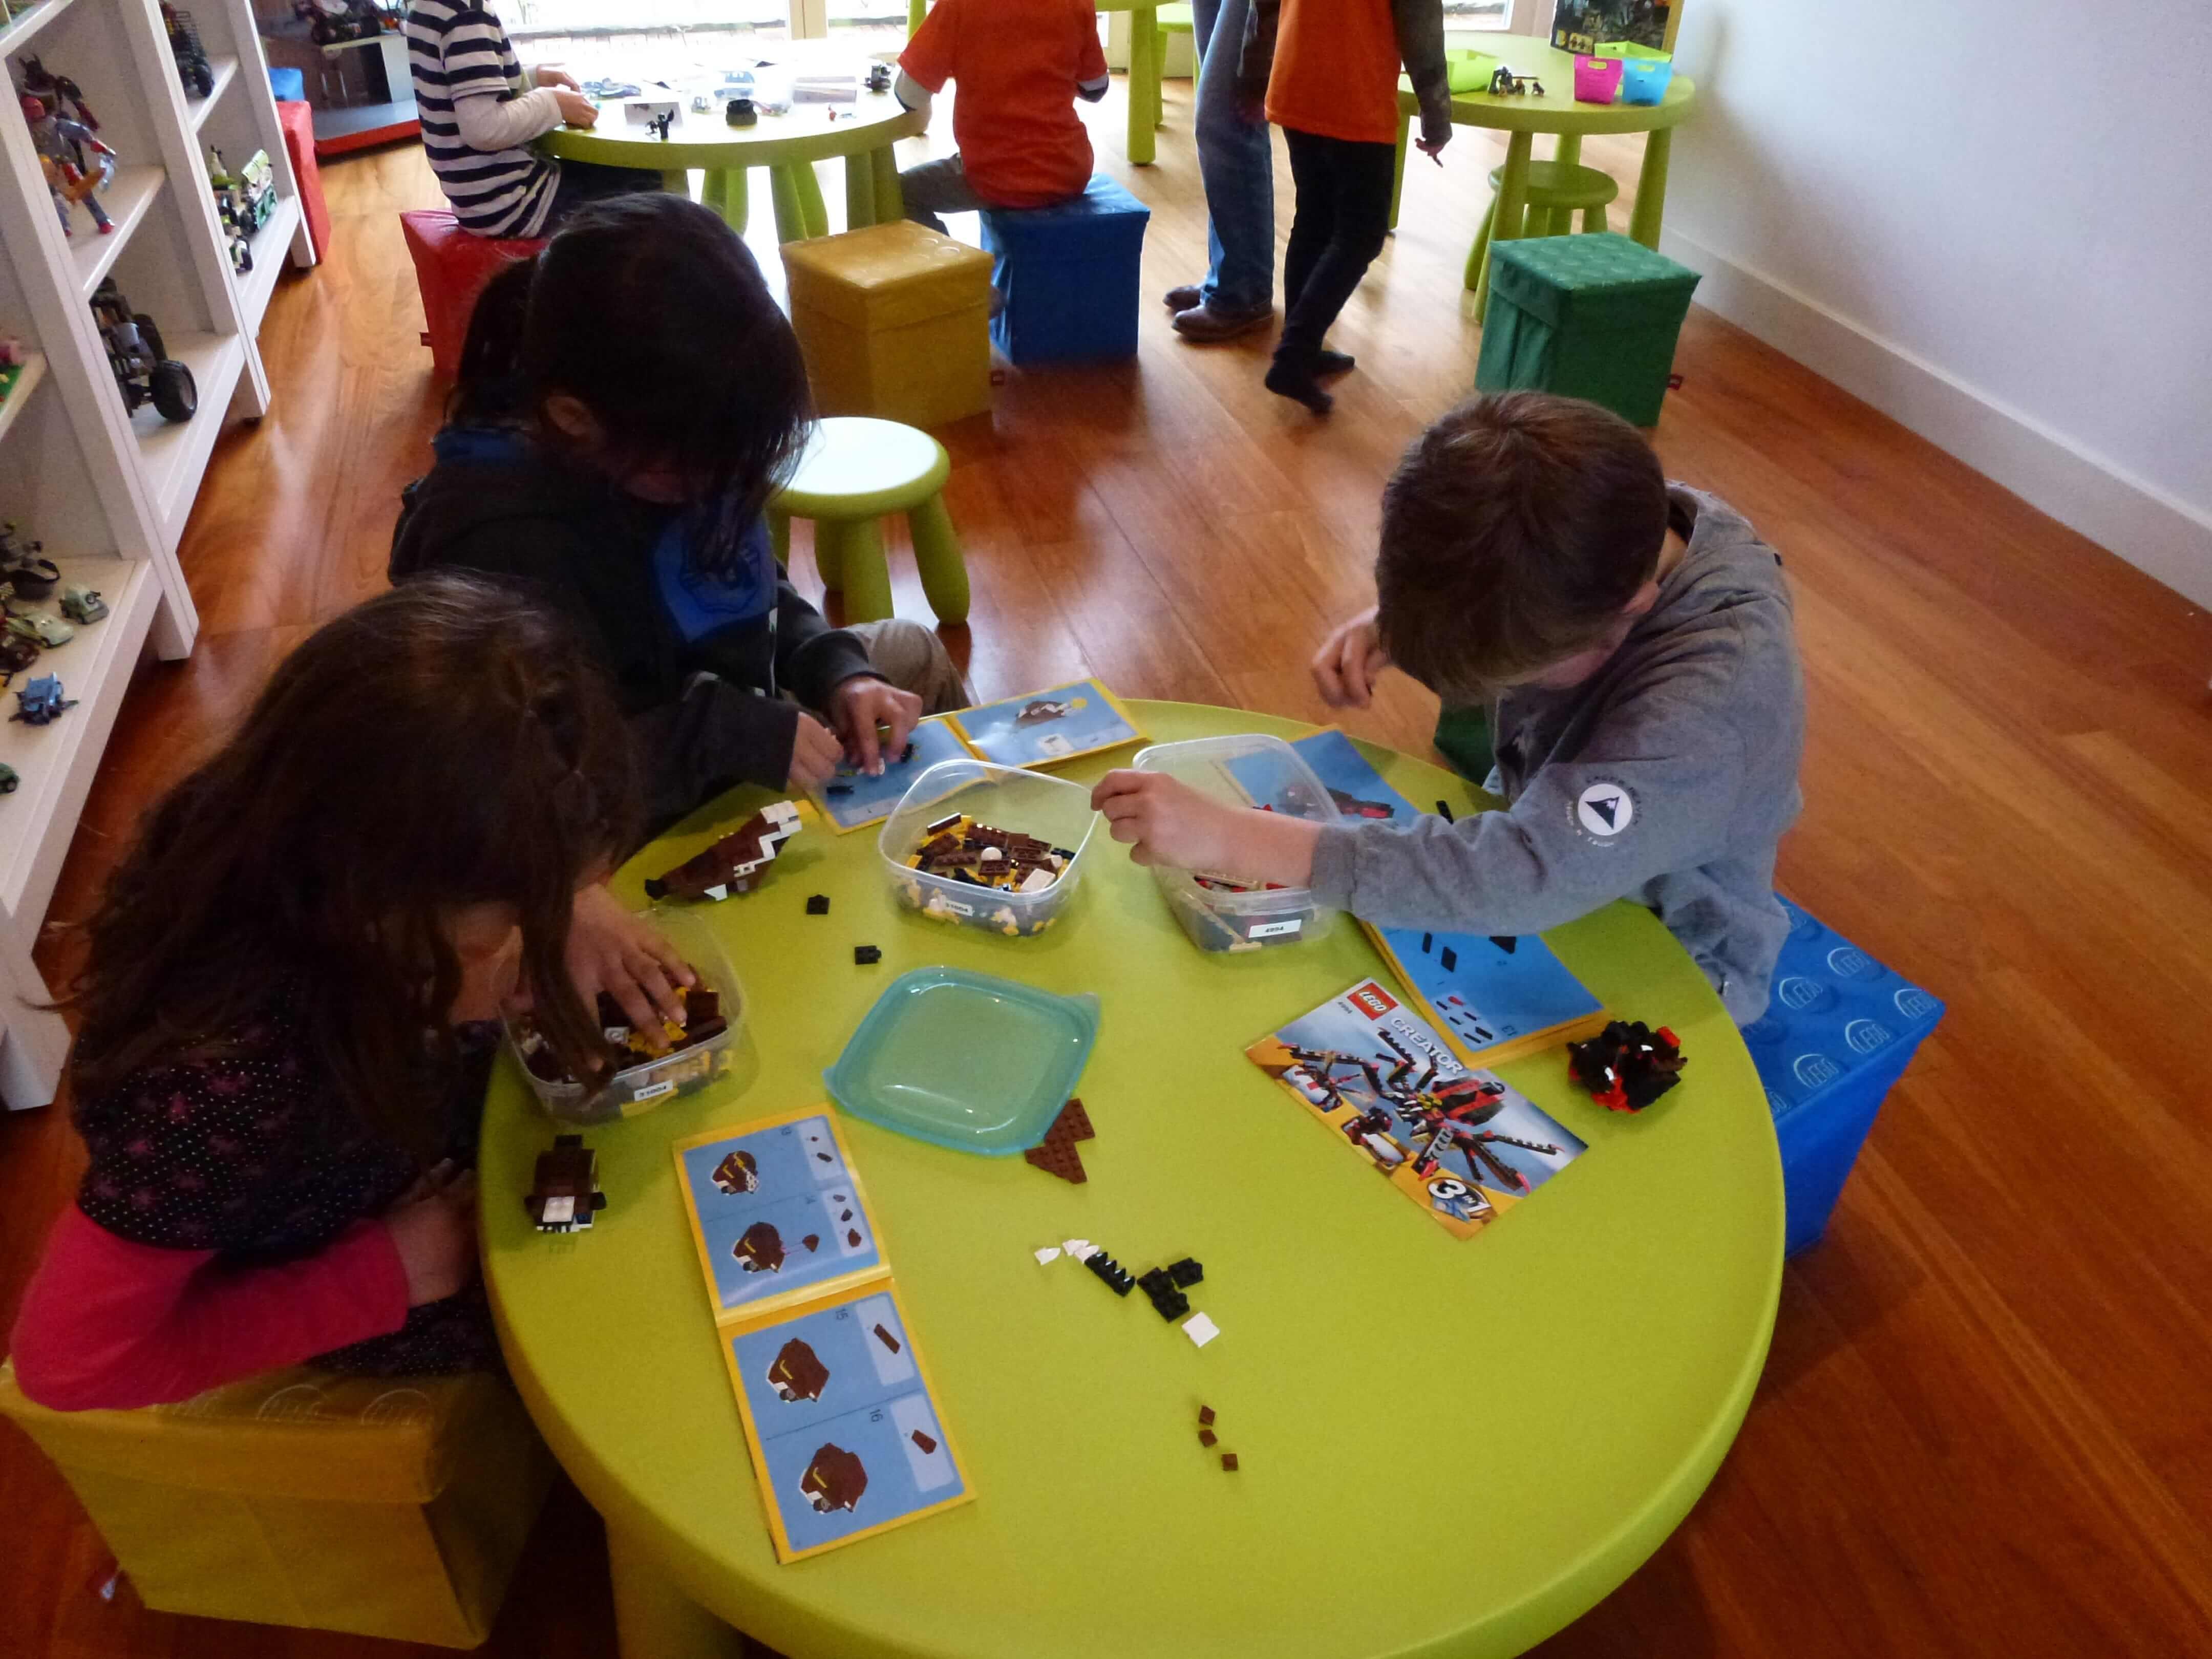 LEGO-feestje bij De Bonte Bouwplaats